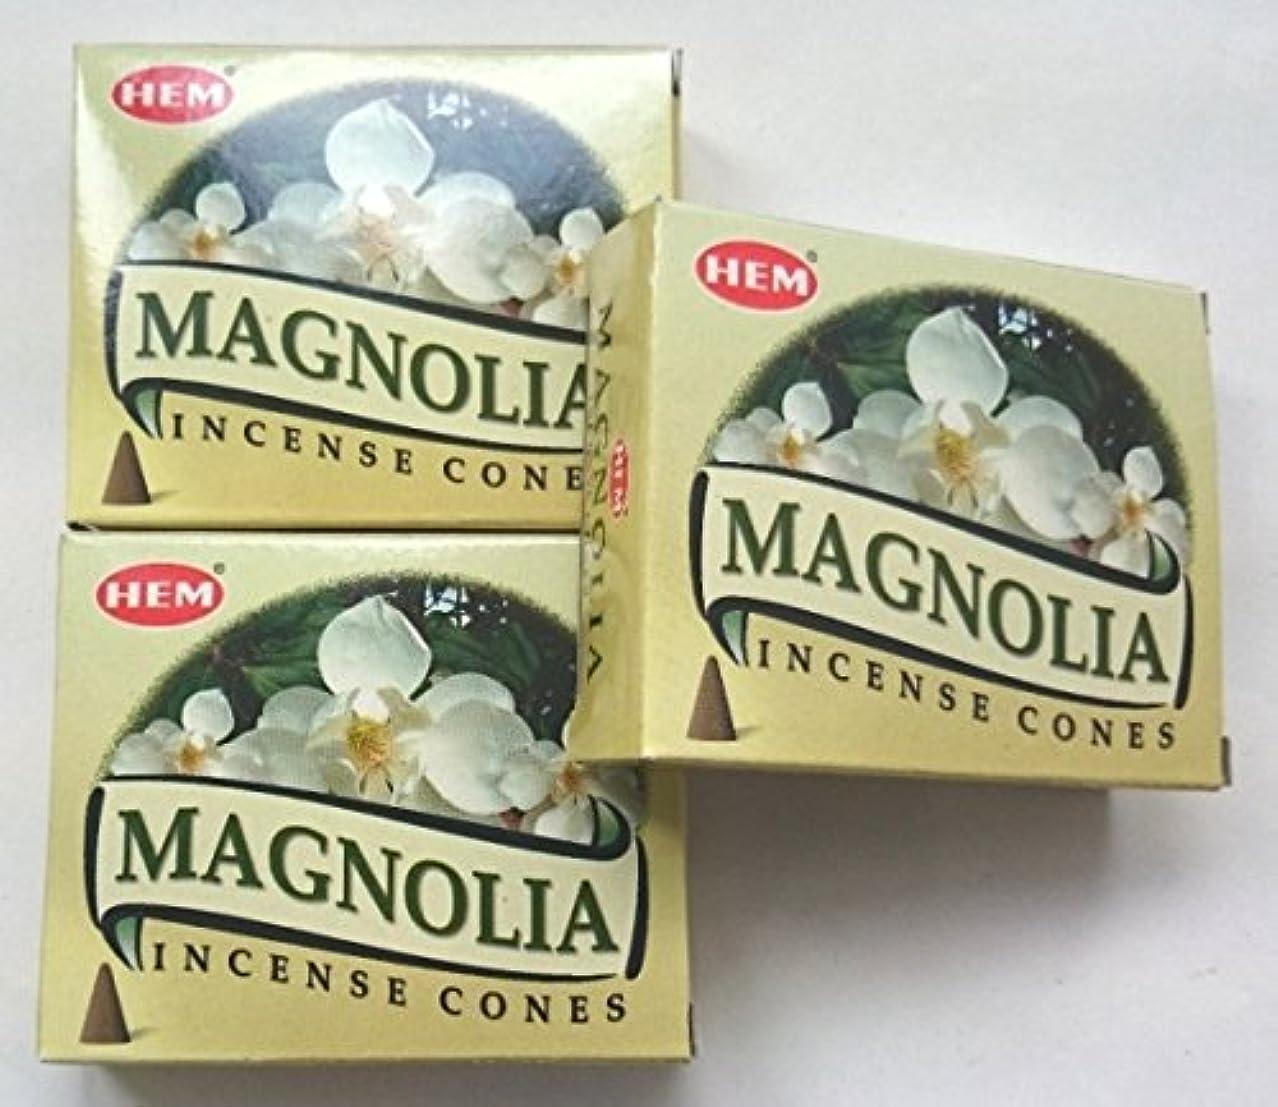 起きるブラシ病気だと思うHEM(ヘム)お香 マグノリア コーン 3個セット